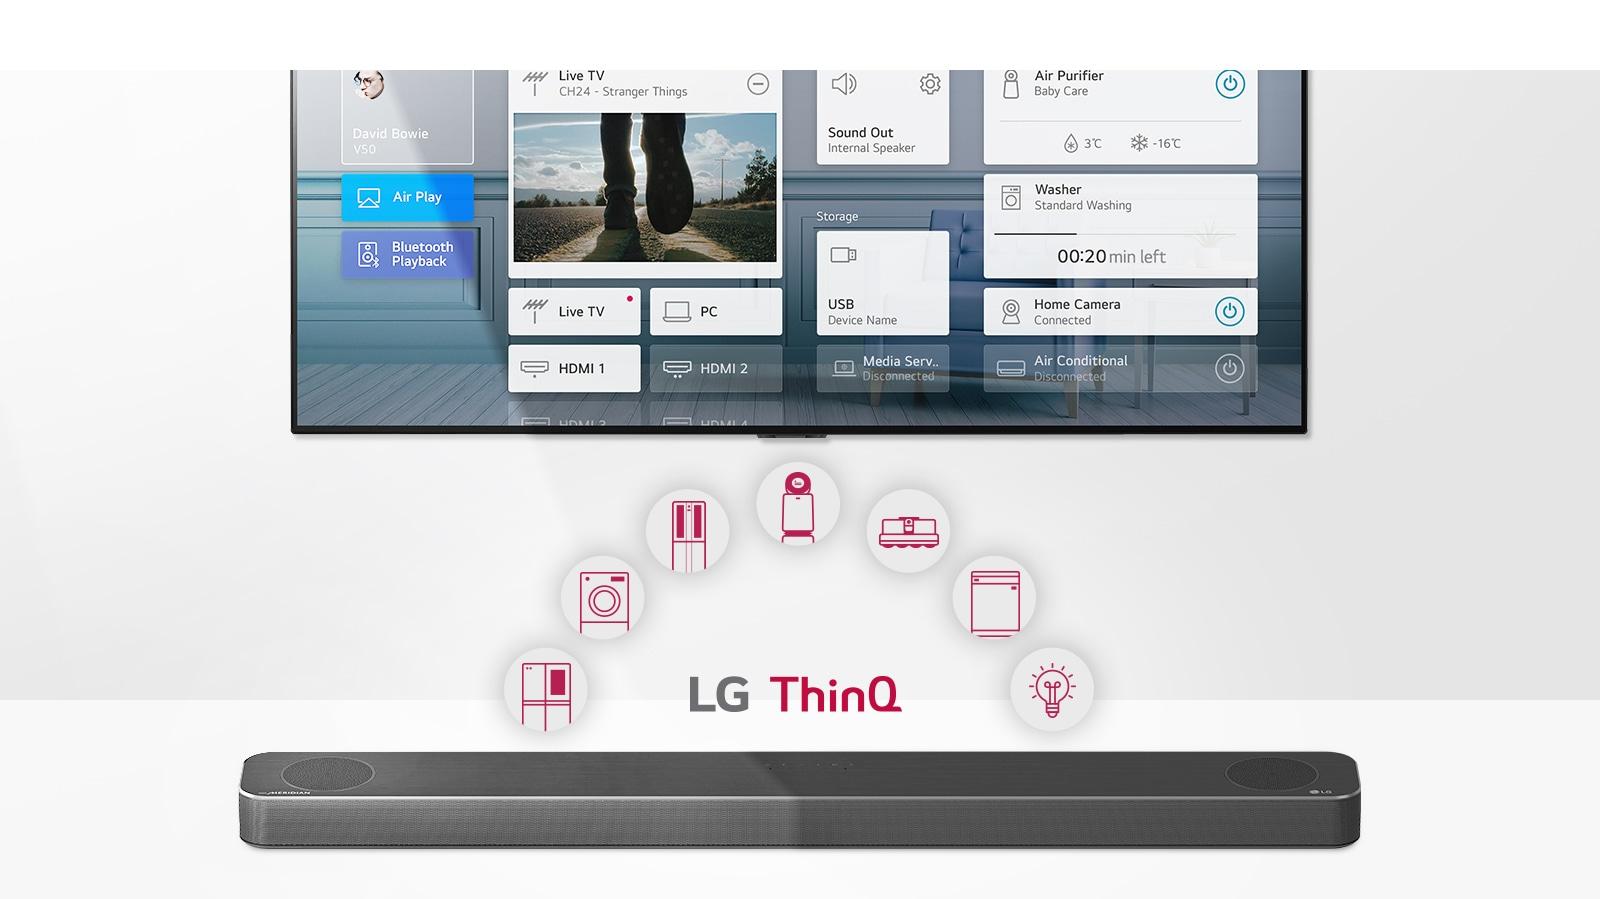 Televizor je na steni. Zvočnik LG Sound Bar se nahaja pod televizorjem. Logotip LG ThinQ in ikone naprav so prikazani med televizorjem in zvočniki LG Sound Bar.